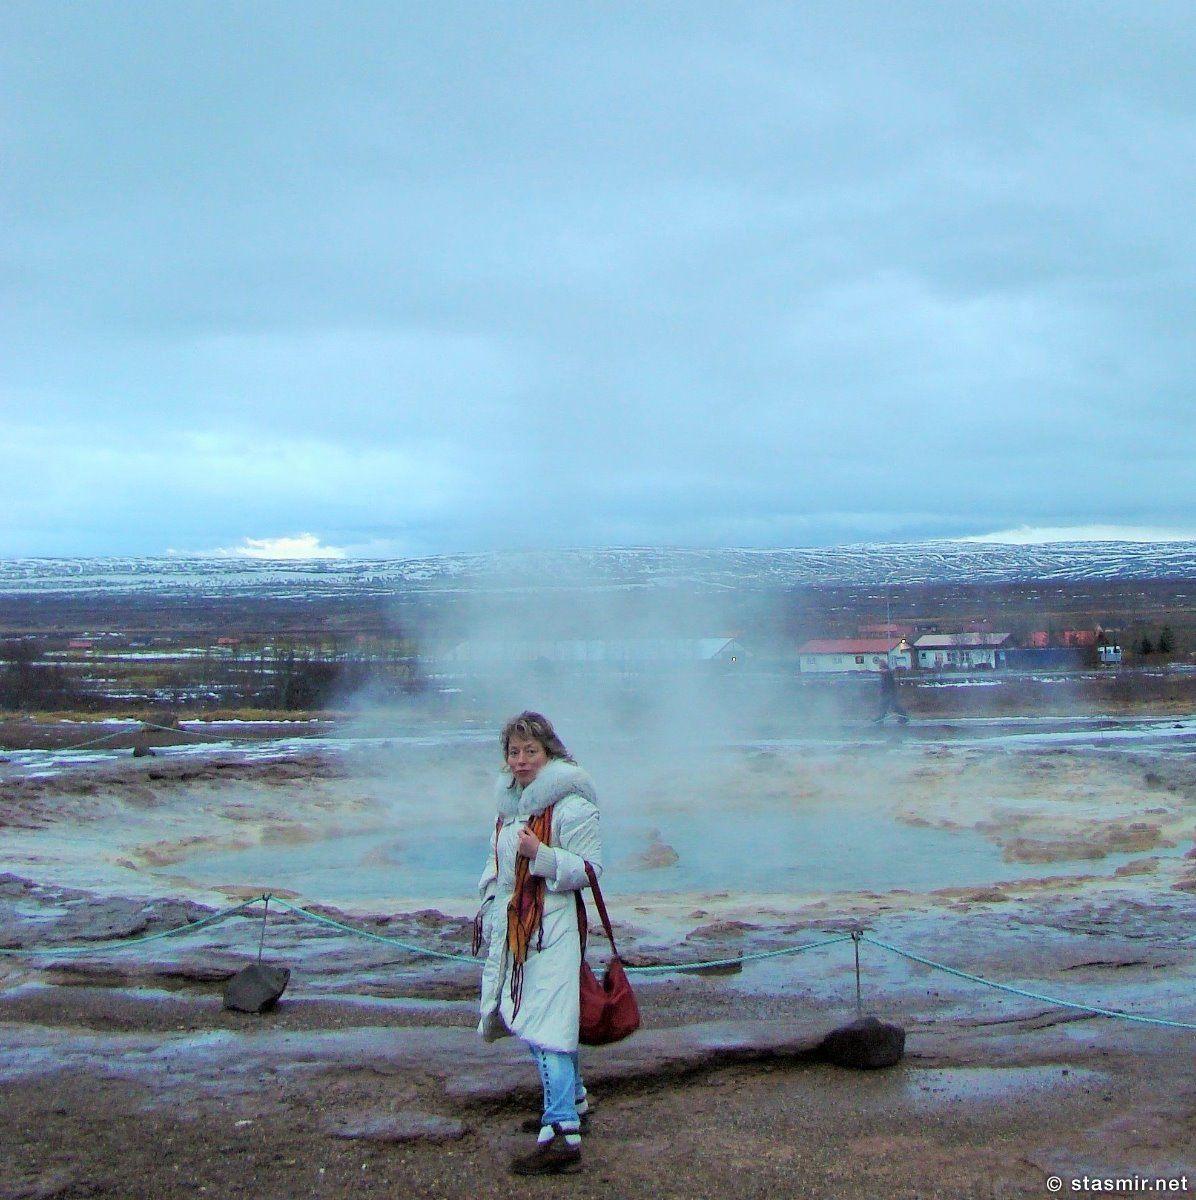 Пыхнул Строккюр, только что извергнулся гейзер, фото Стасмир, photo Stasmir